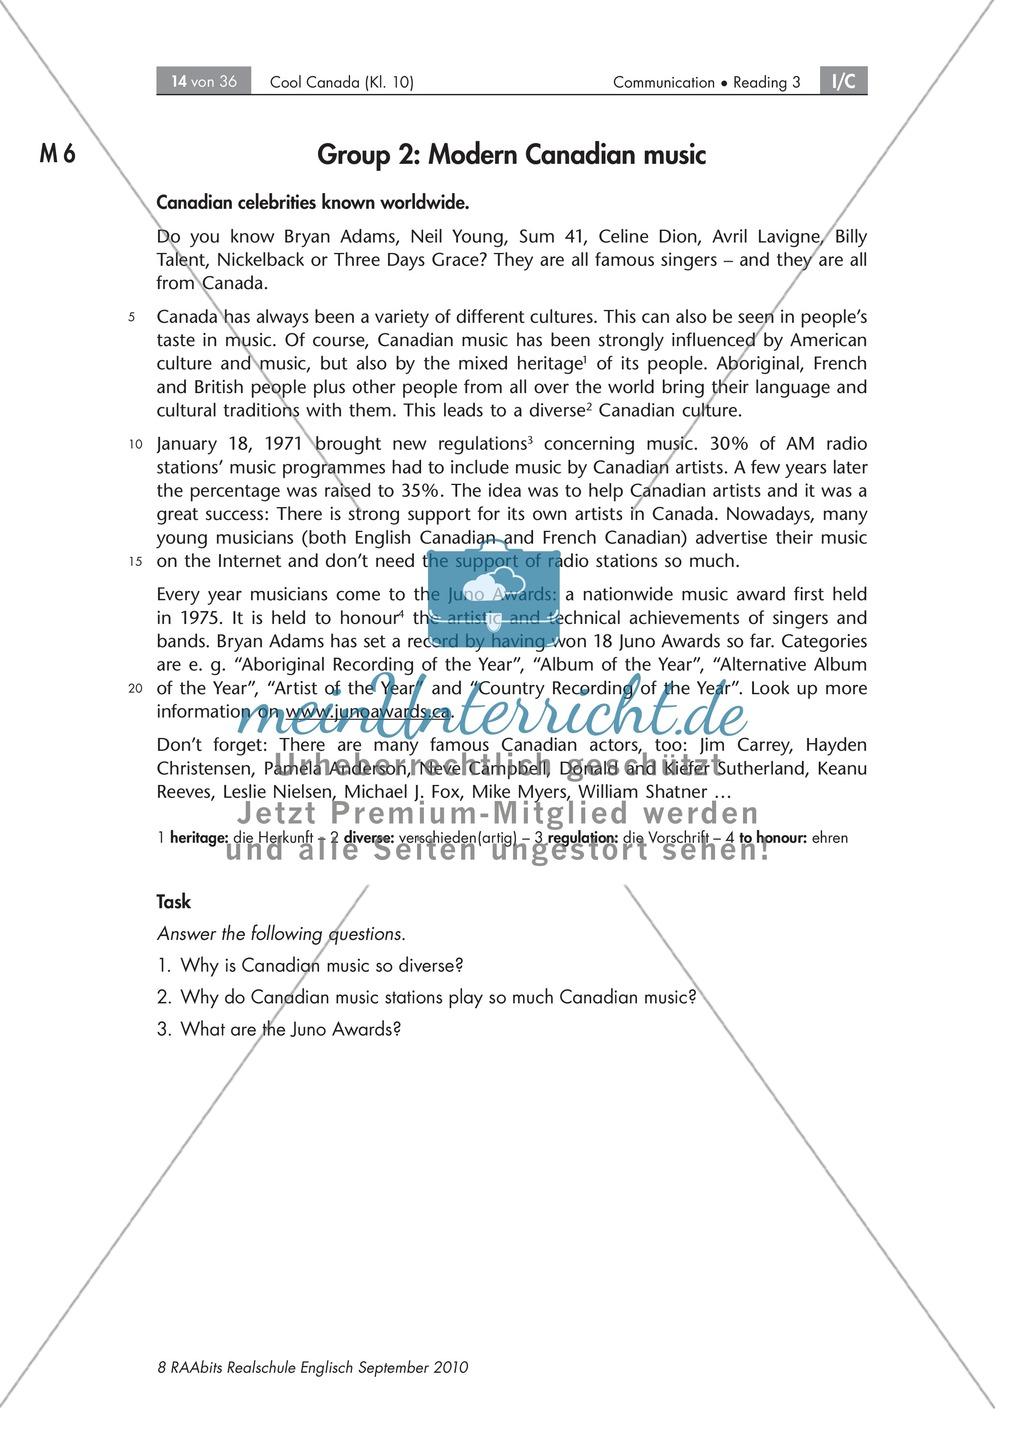 Textarbeit an Sachtexten über Kanada: Übungen zum Textverständnis + Lösungen Preview 7